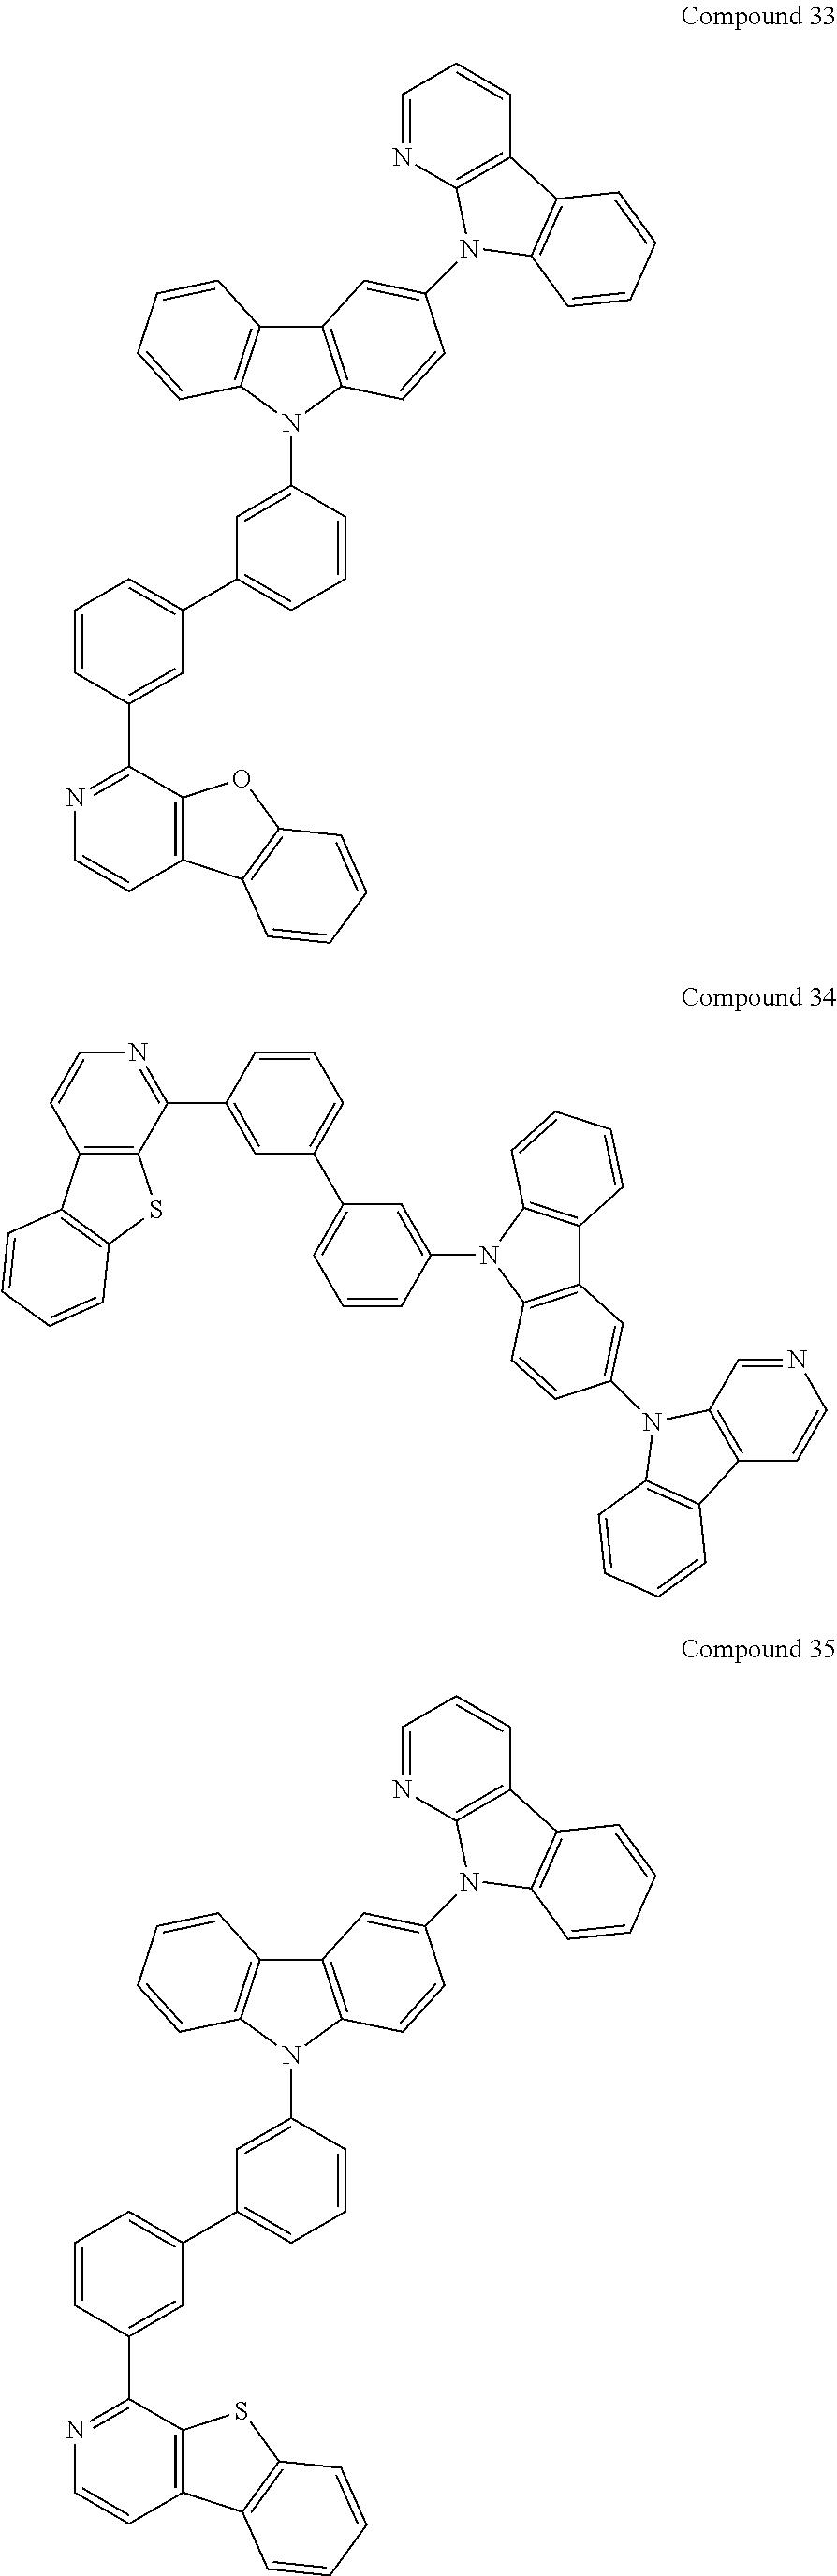 Figure US08580399-20131112-C00027